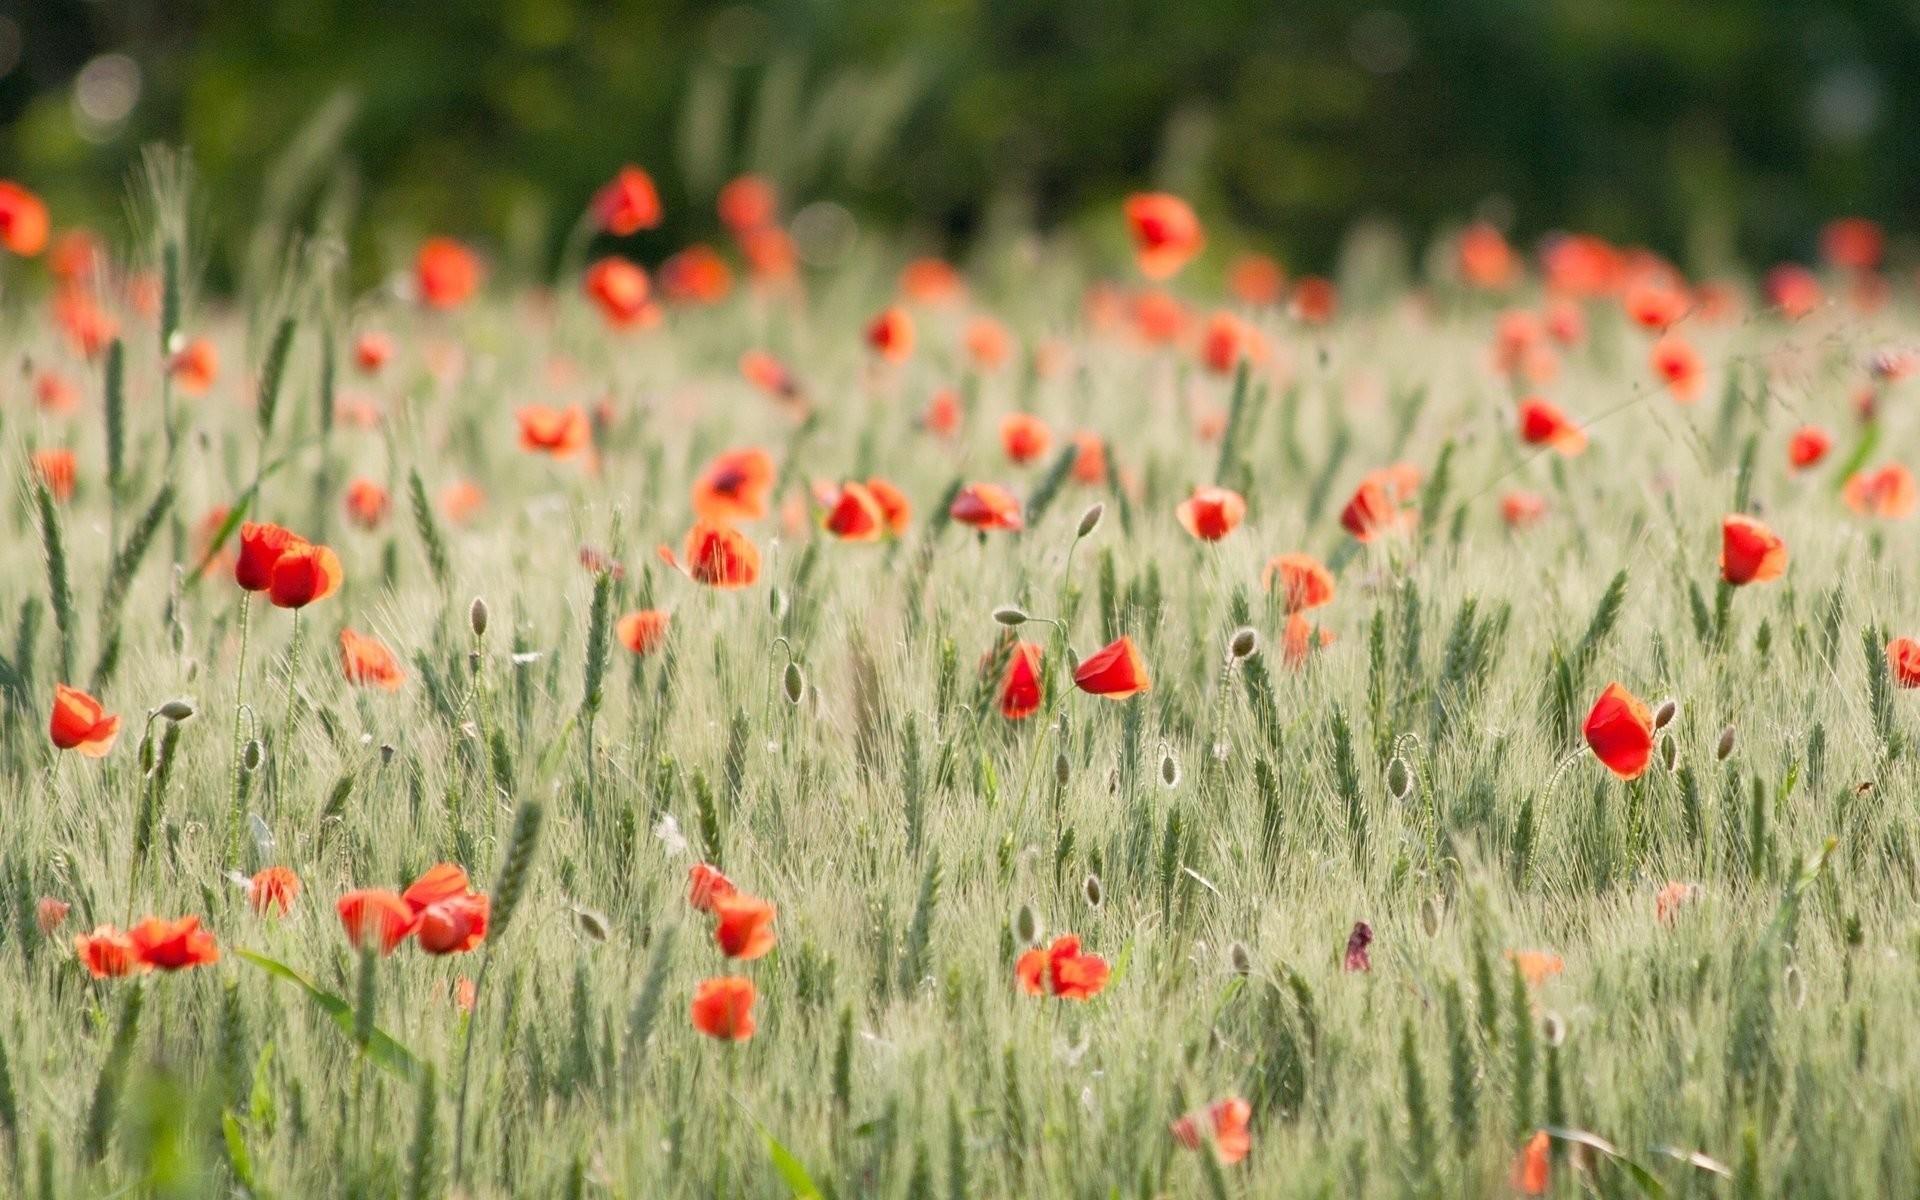 flower flowers poppy poppies the field wheat rye ears spikelets . field  beautiful background wallpaper widescreen